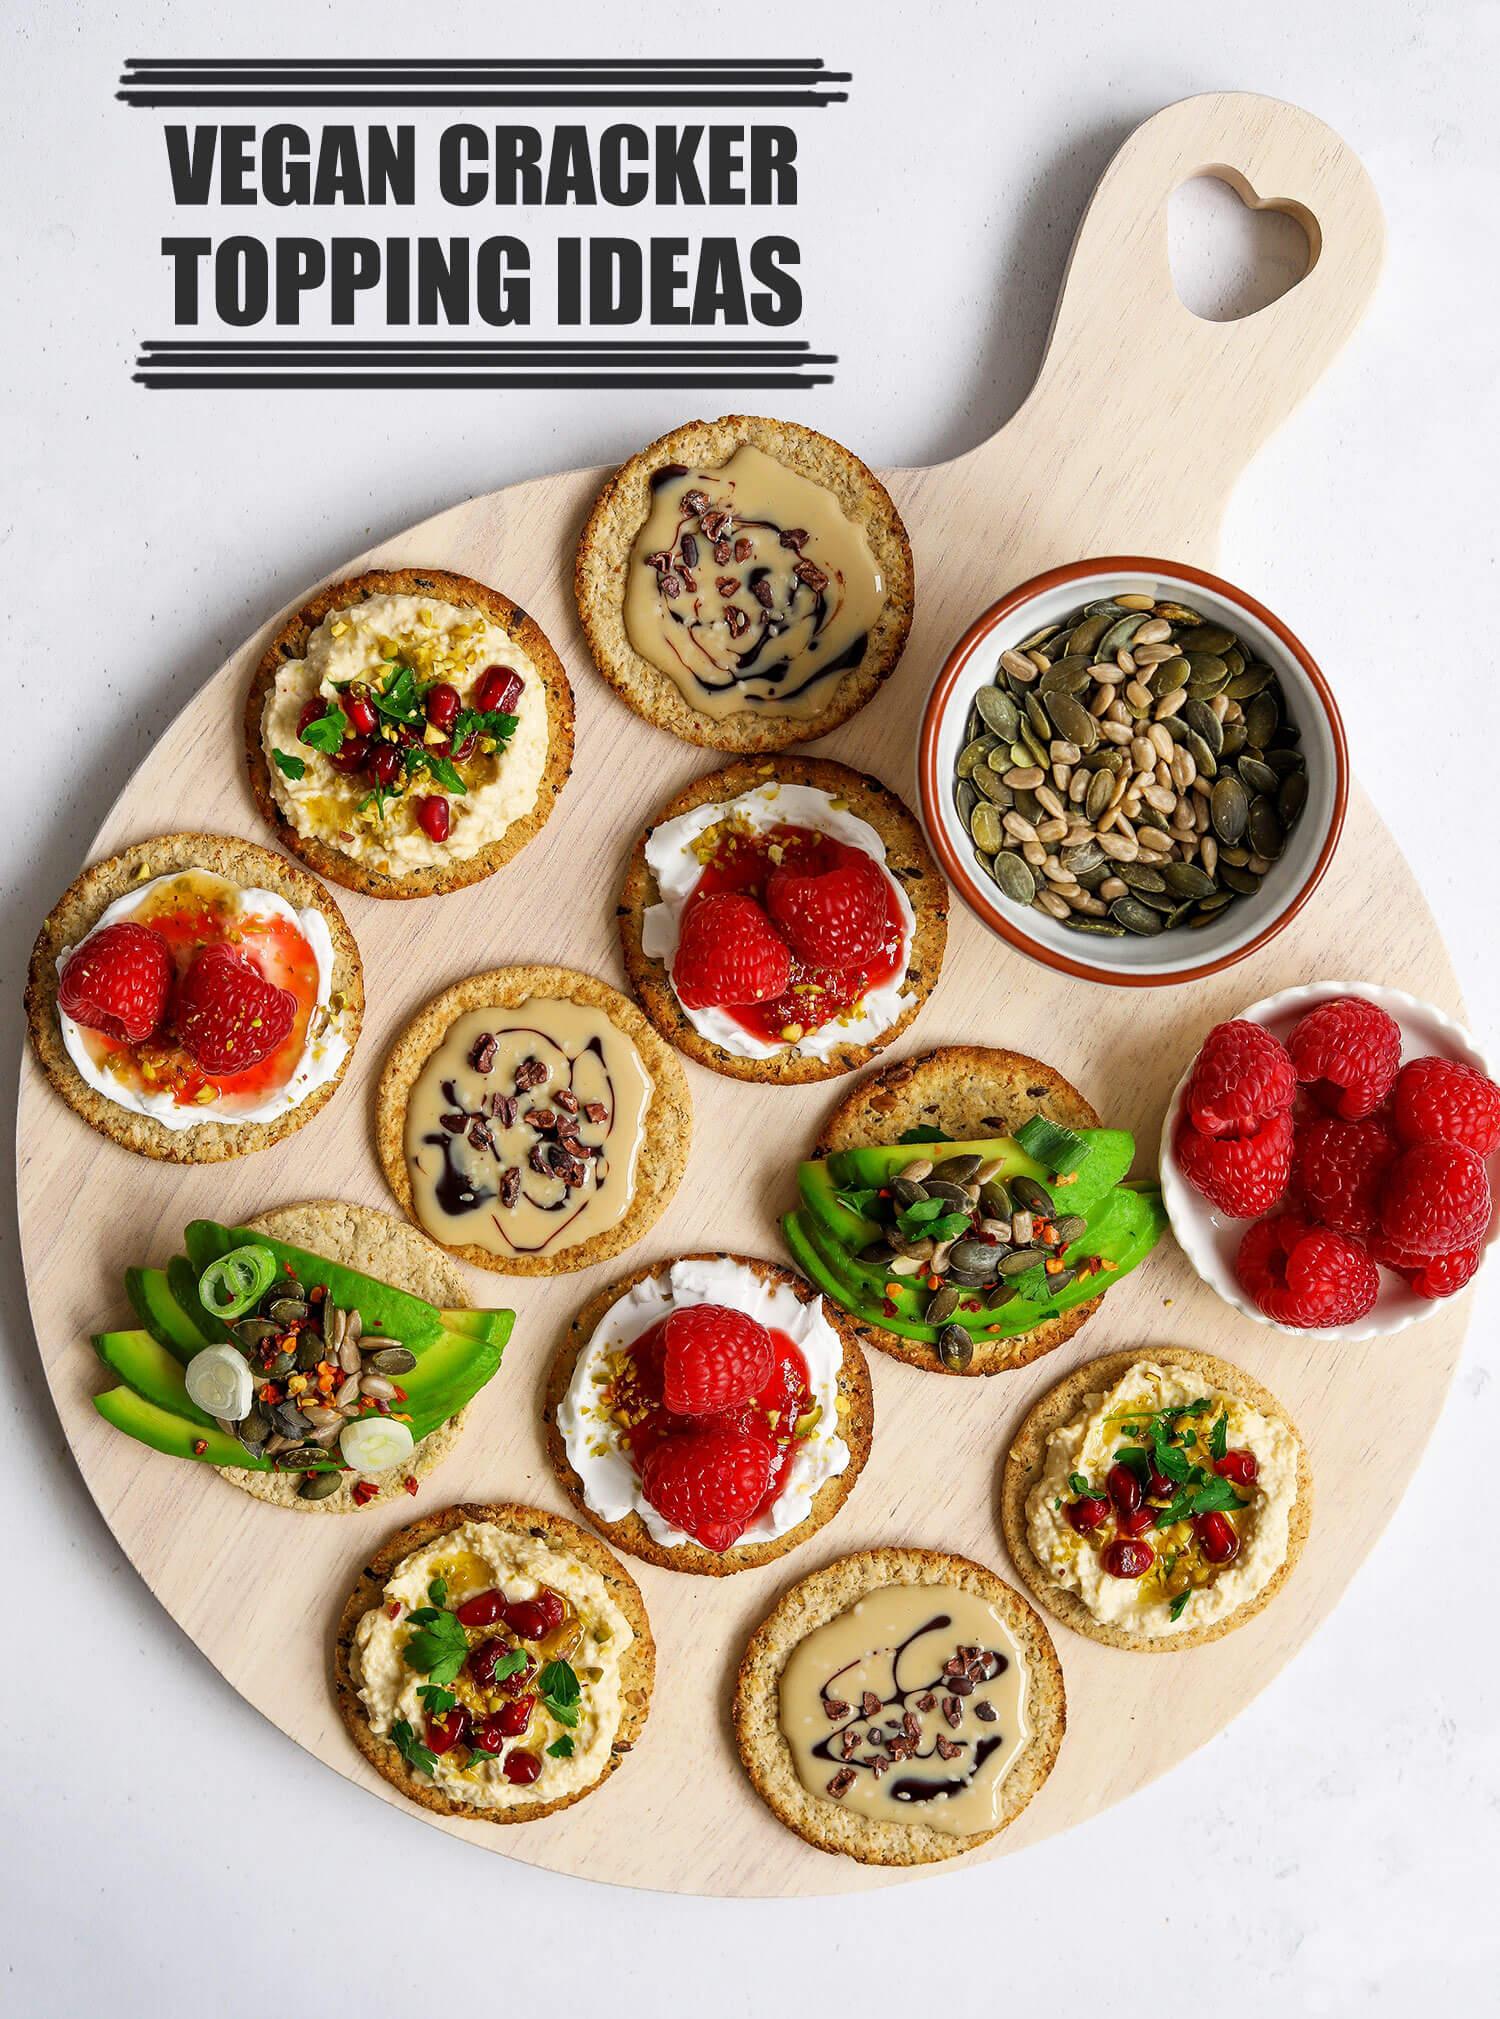 4 Vegan Cracker Topping Ideas